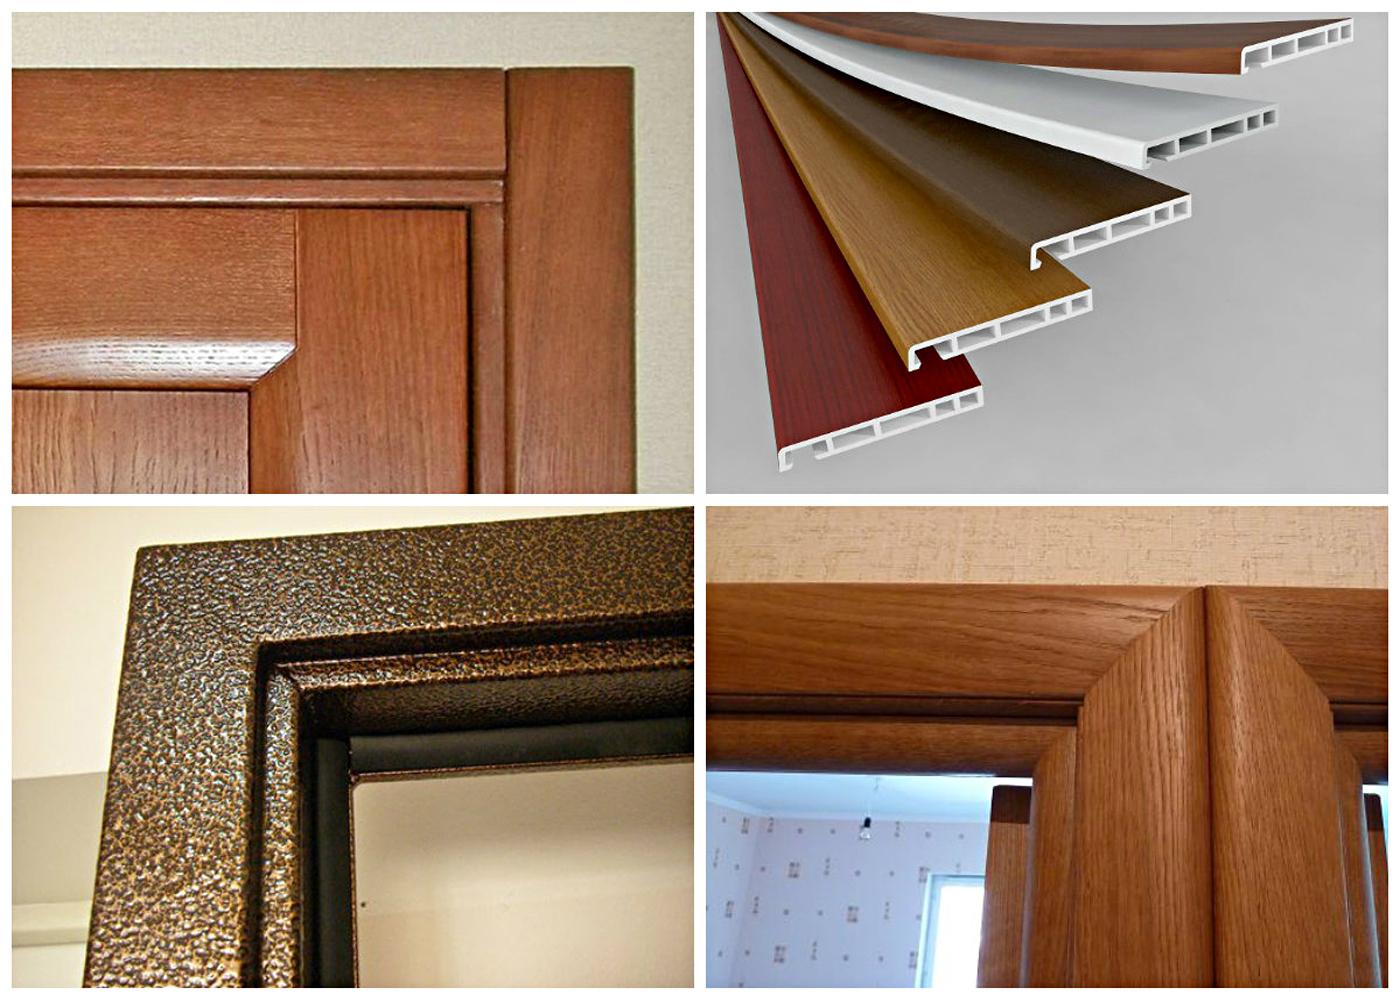 Доборы на межкомнатные двери (34 фото): что это такое и как выглядят, размеры доборной доски, телескопические элементы